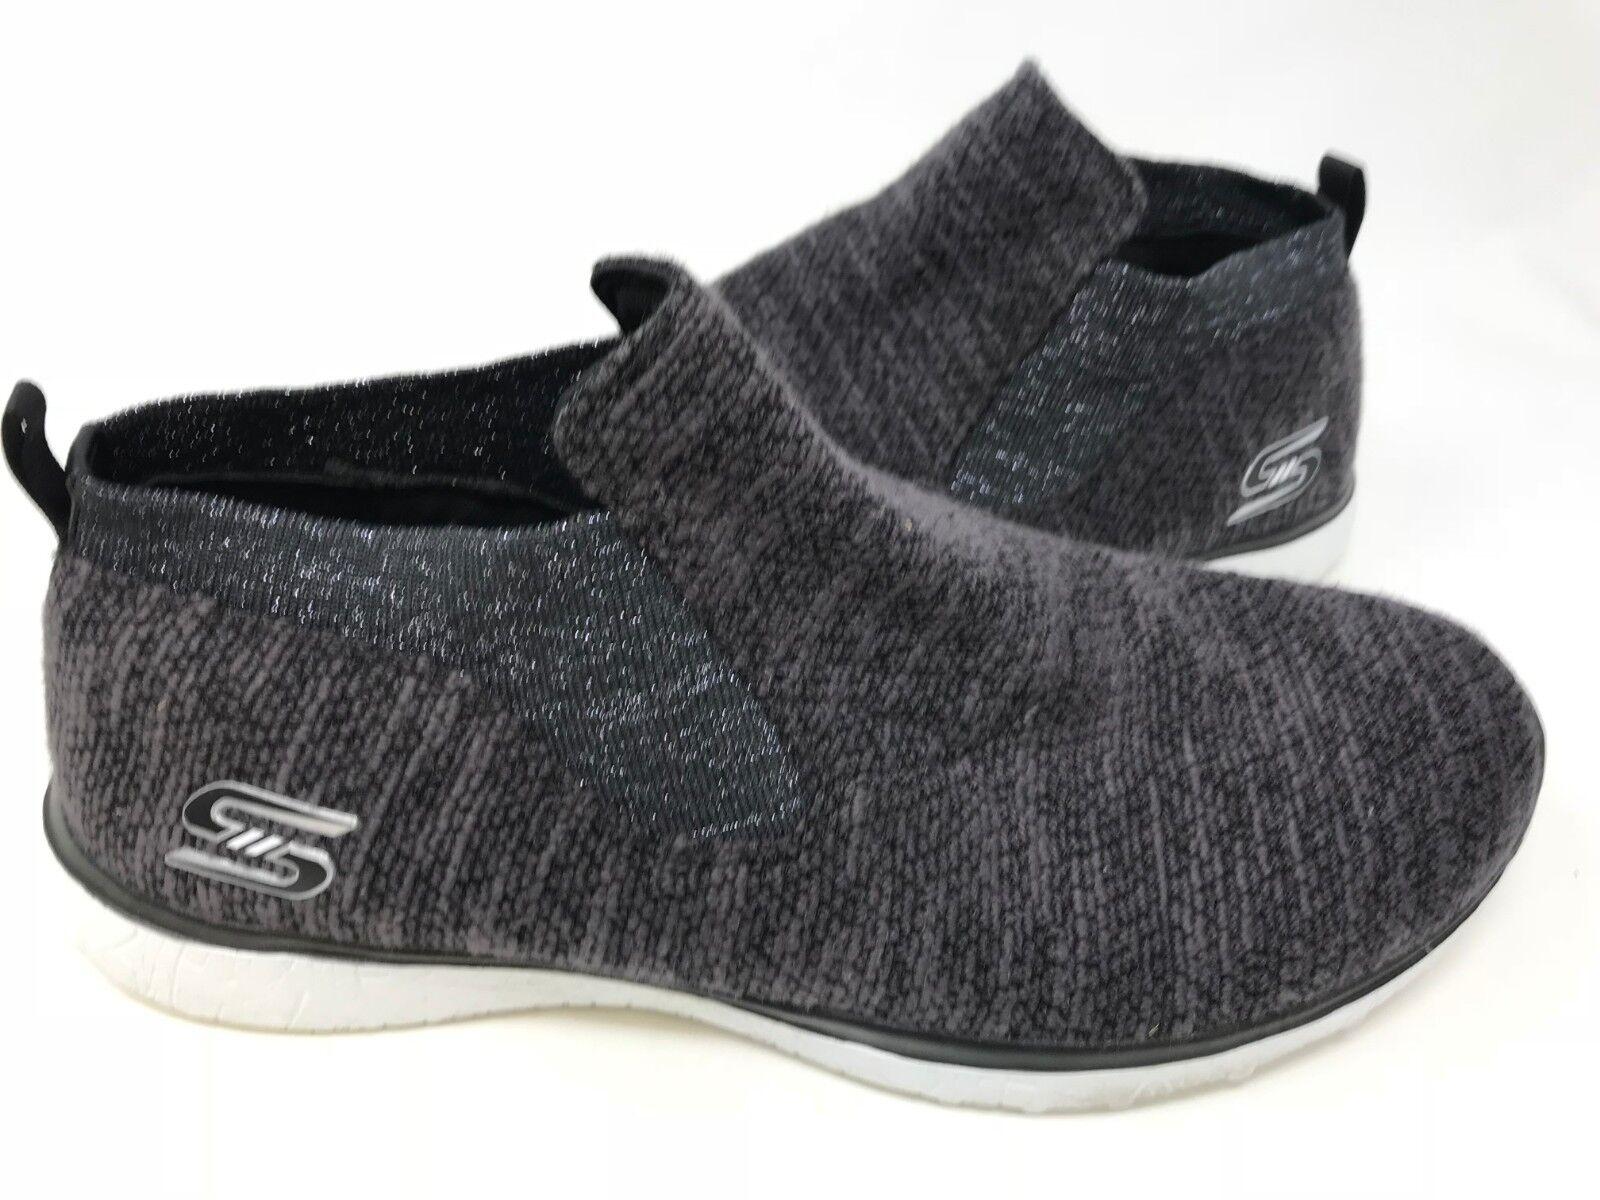 nouveau!sketchers femmes est microrafale imagination chaussures blanc noir / blanc chaussures n az 5929cf